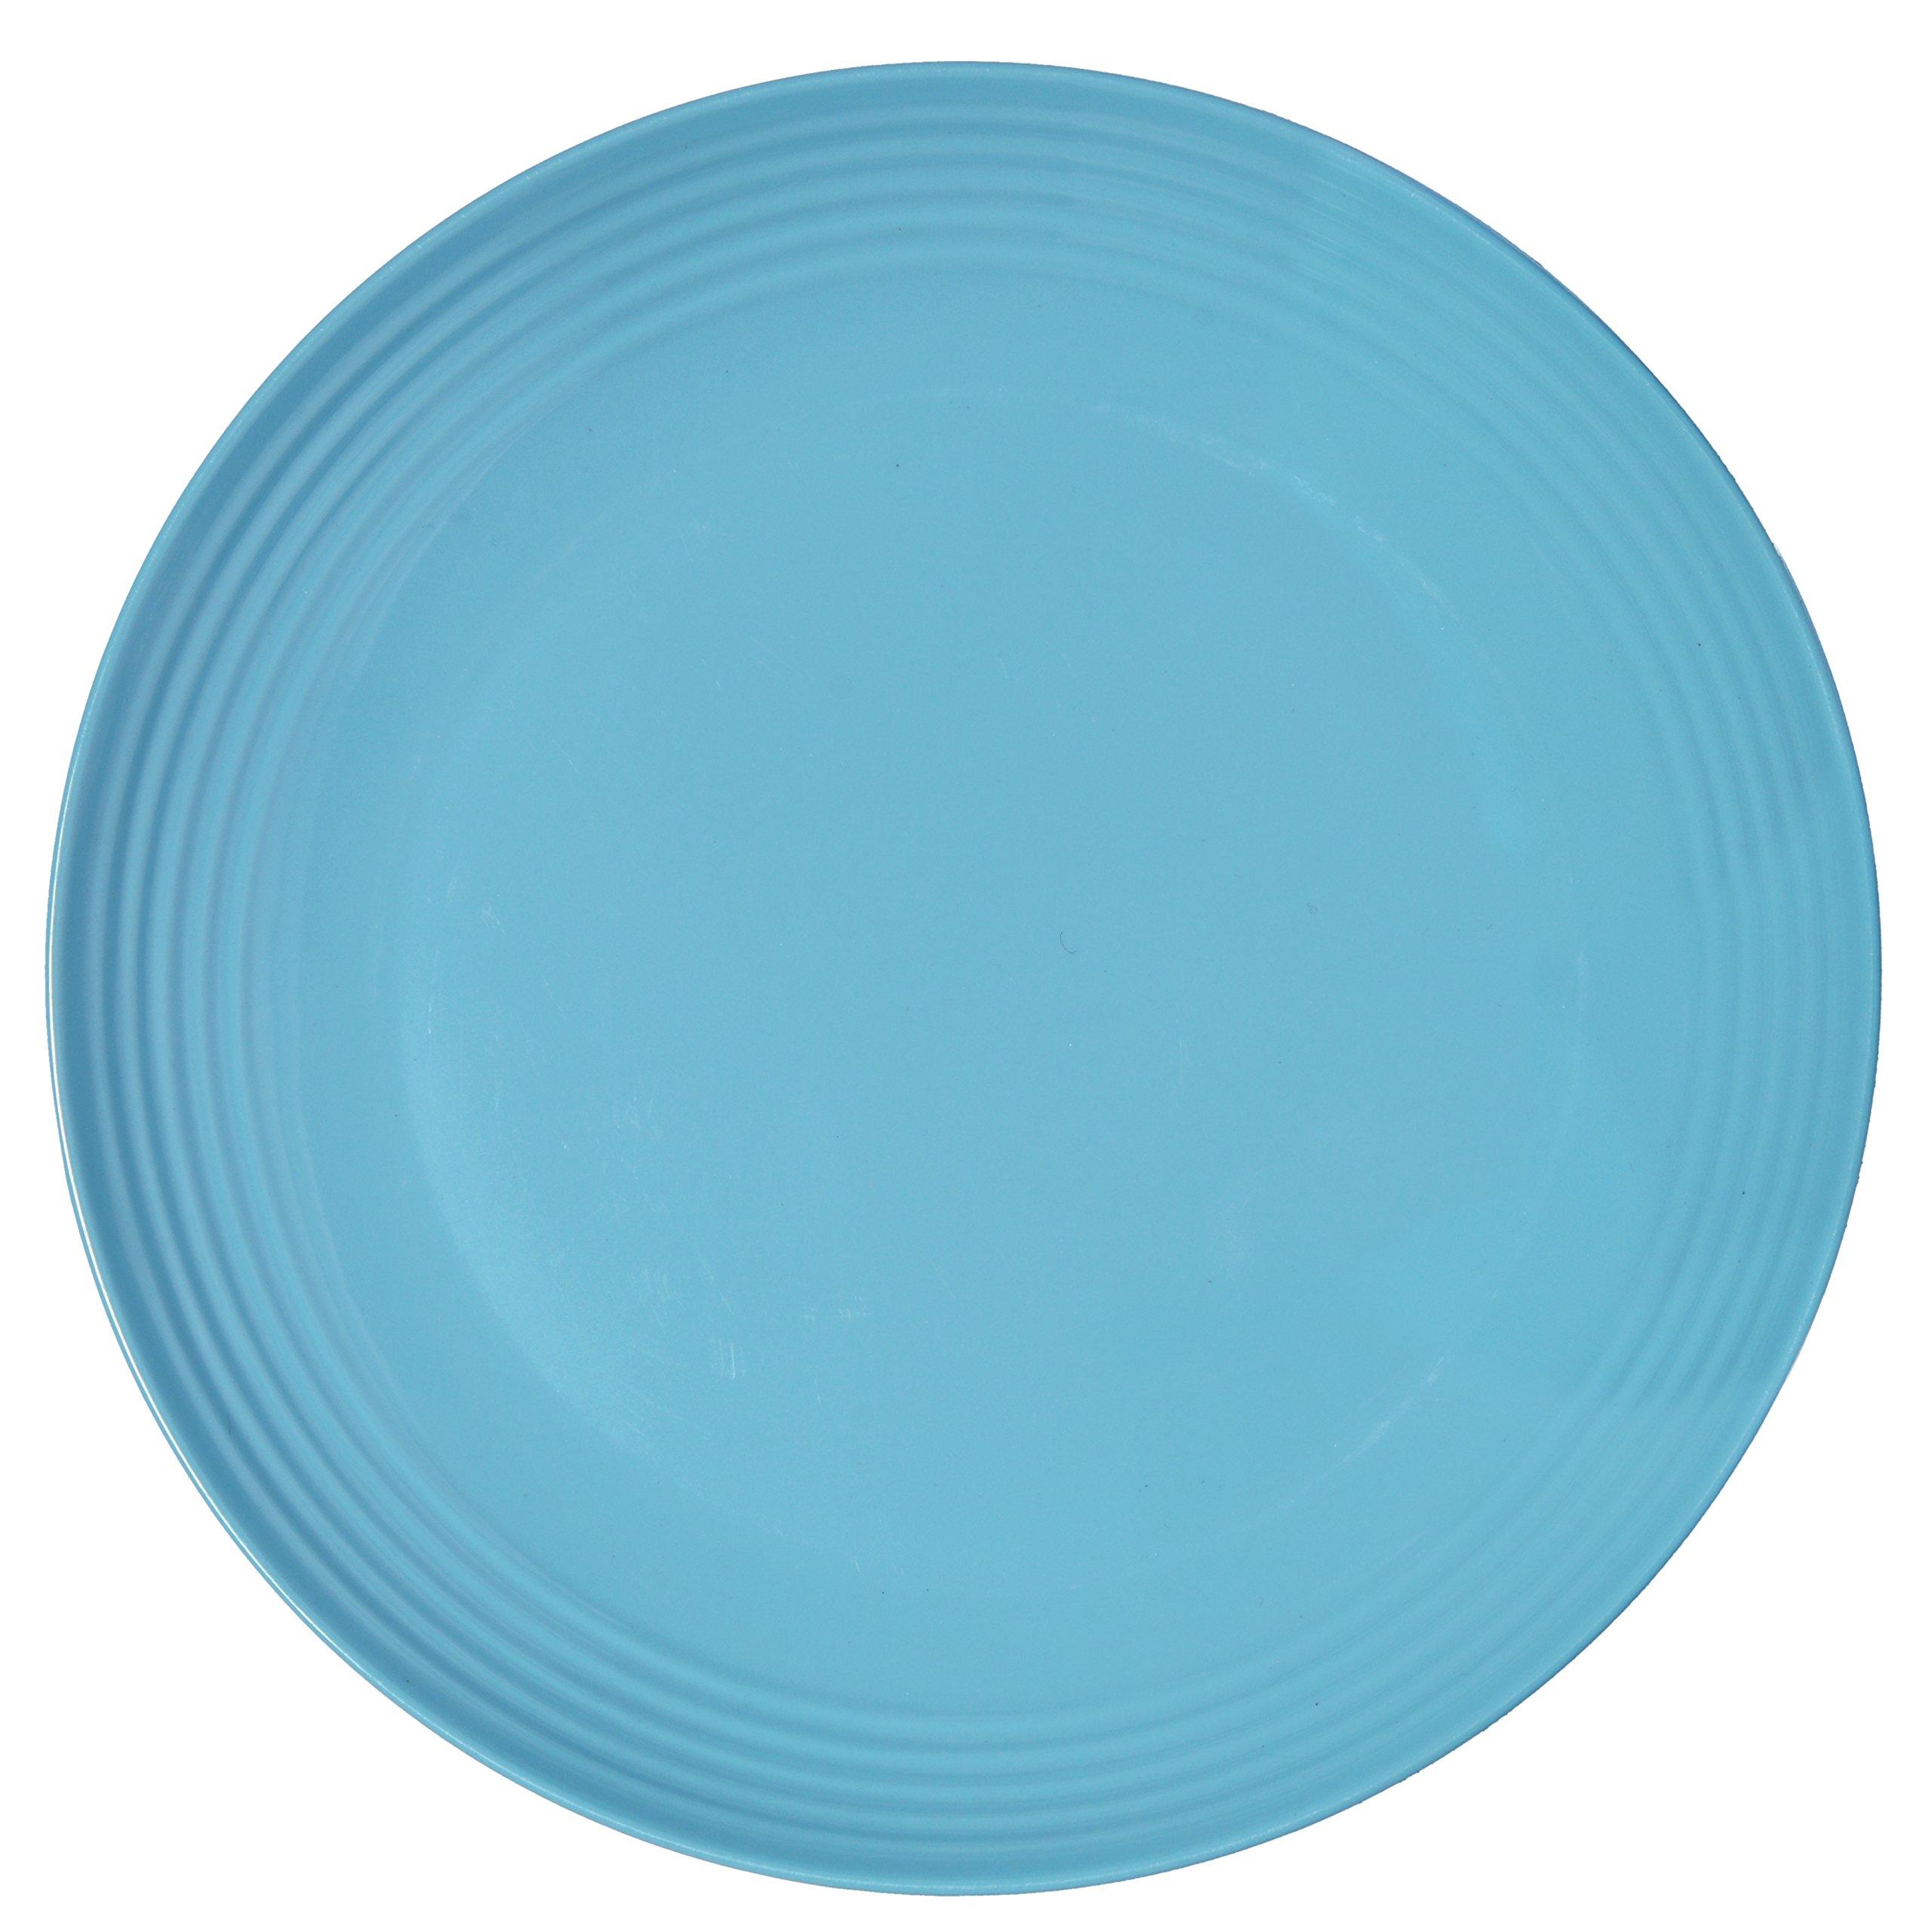 Melange 6-Piece Melamine Dinner Plate Set (Solids Collection) | Shatter-Proof and Chip-Resistant Melamine Dinner Plates 81nZ lRgw7L